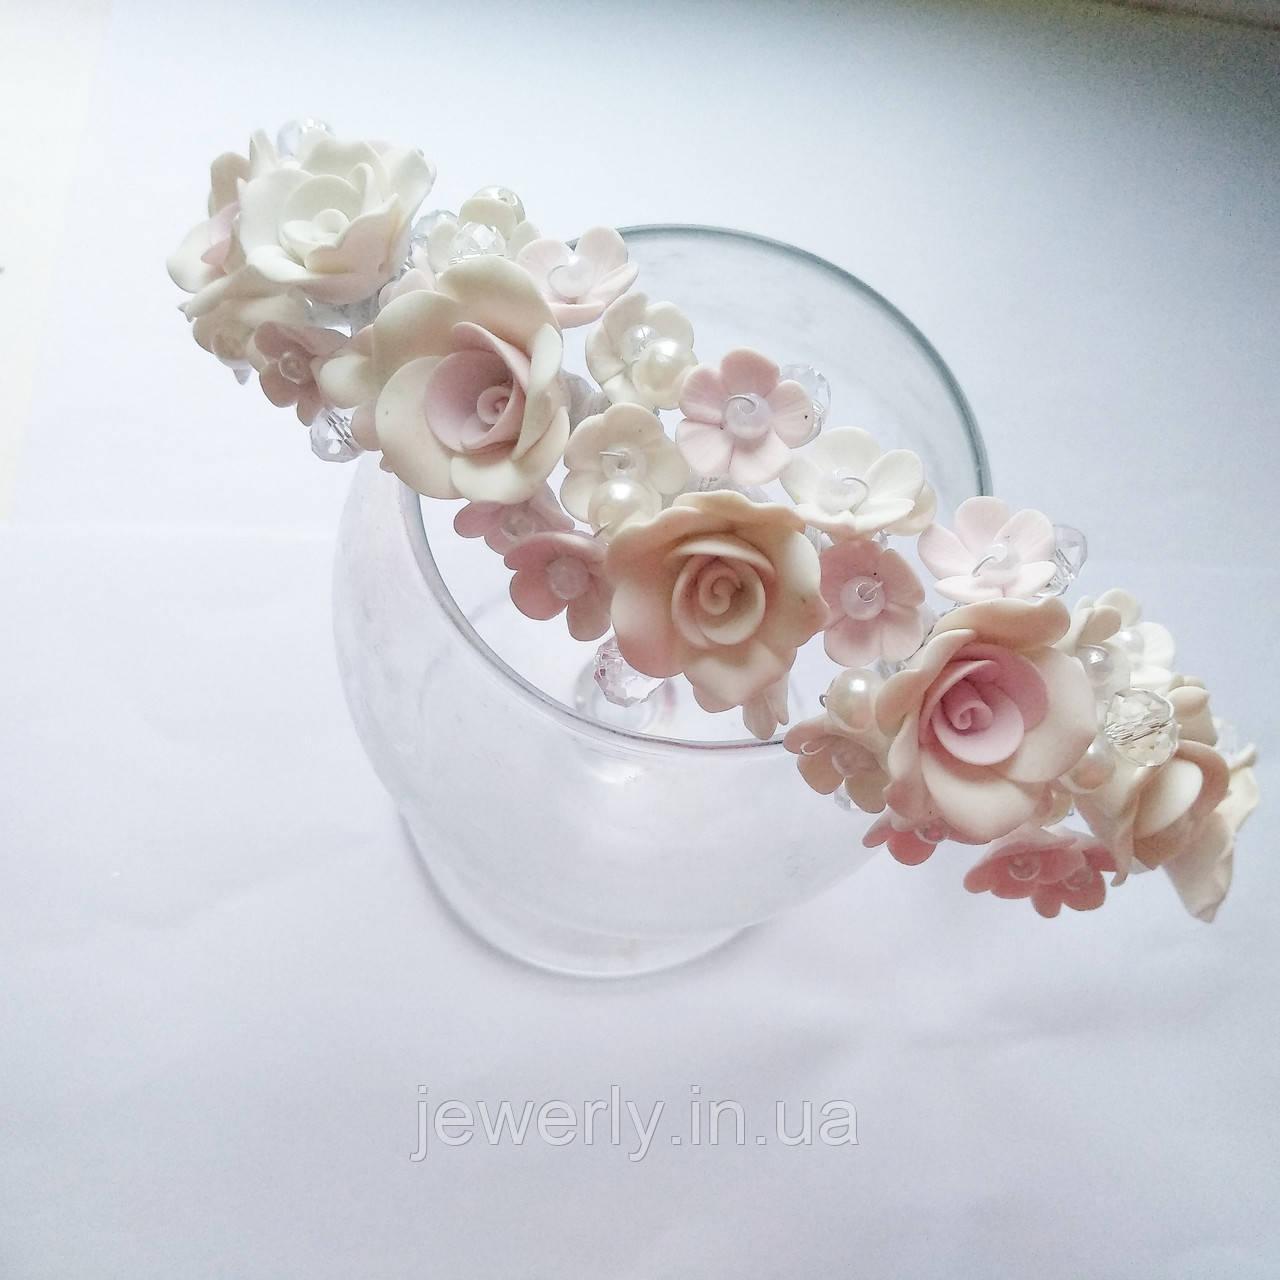 Свадебный обруч с розами